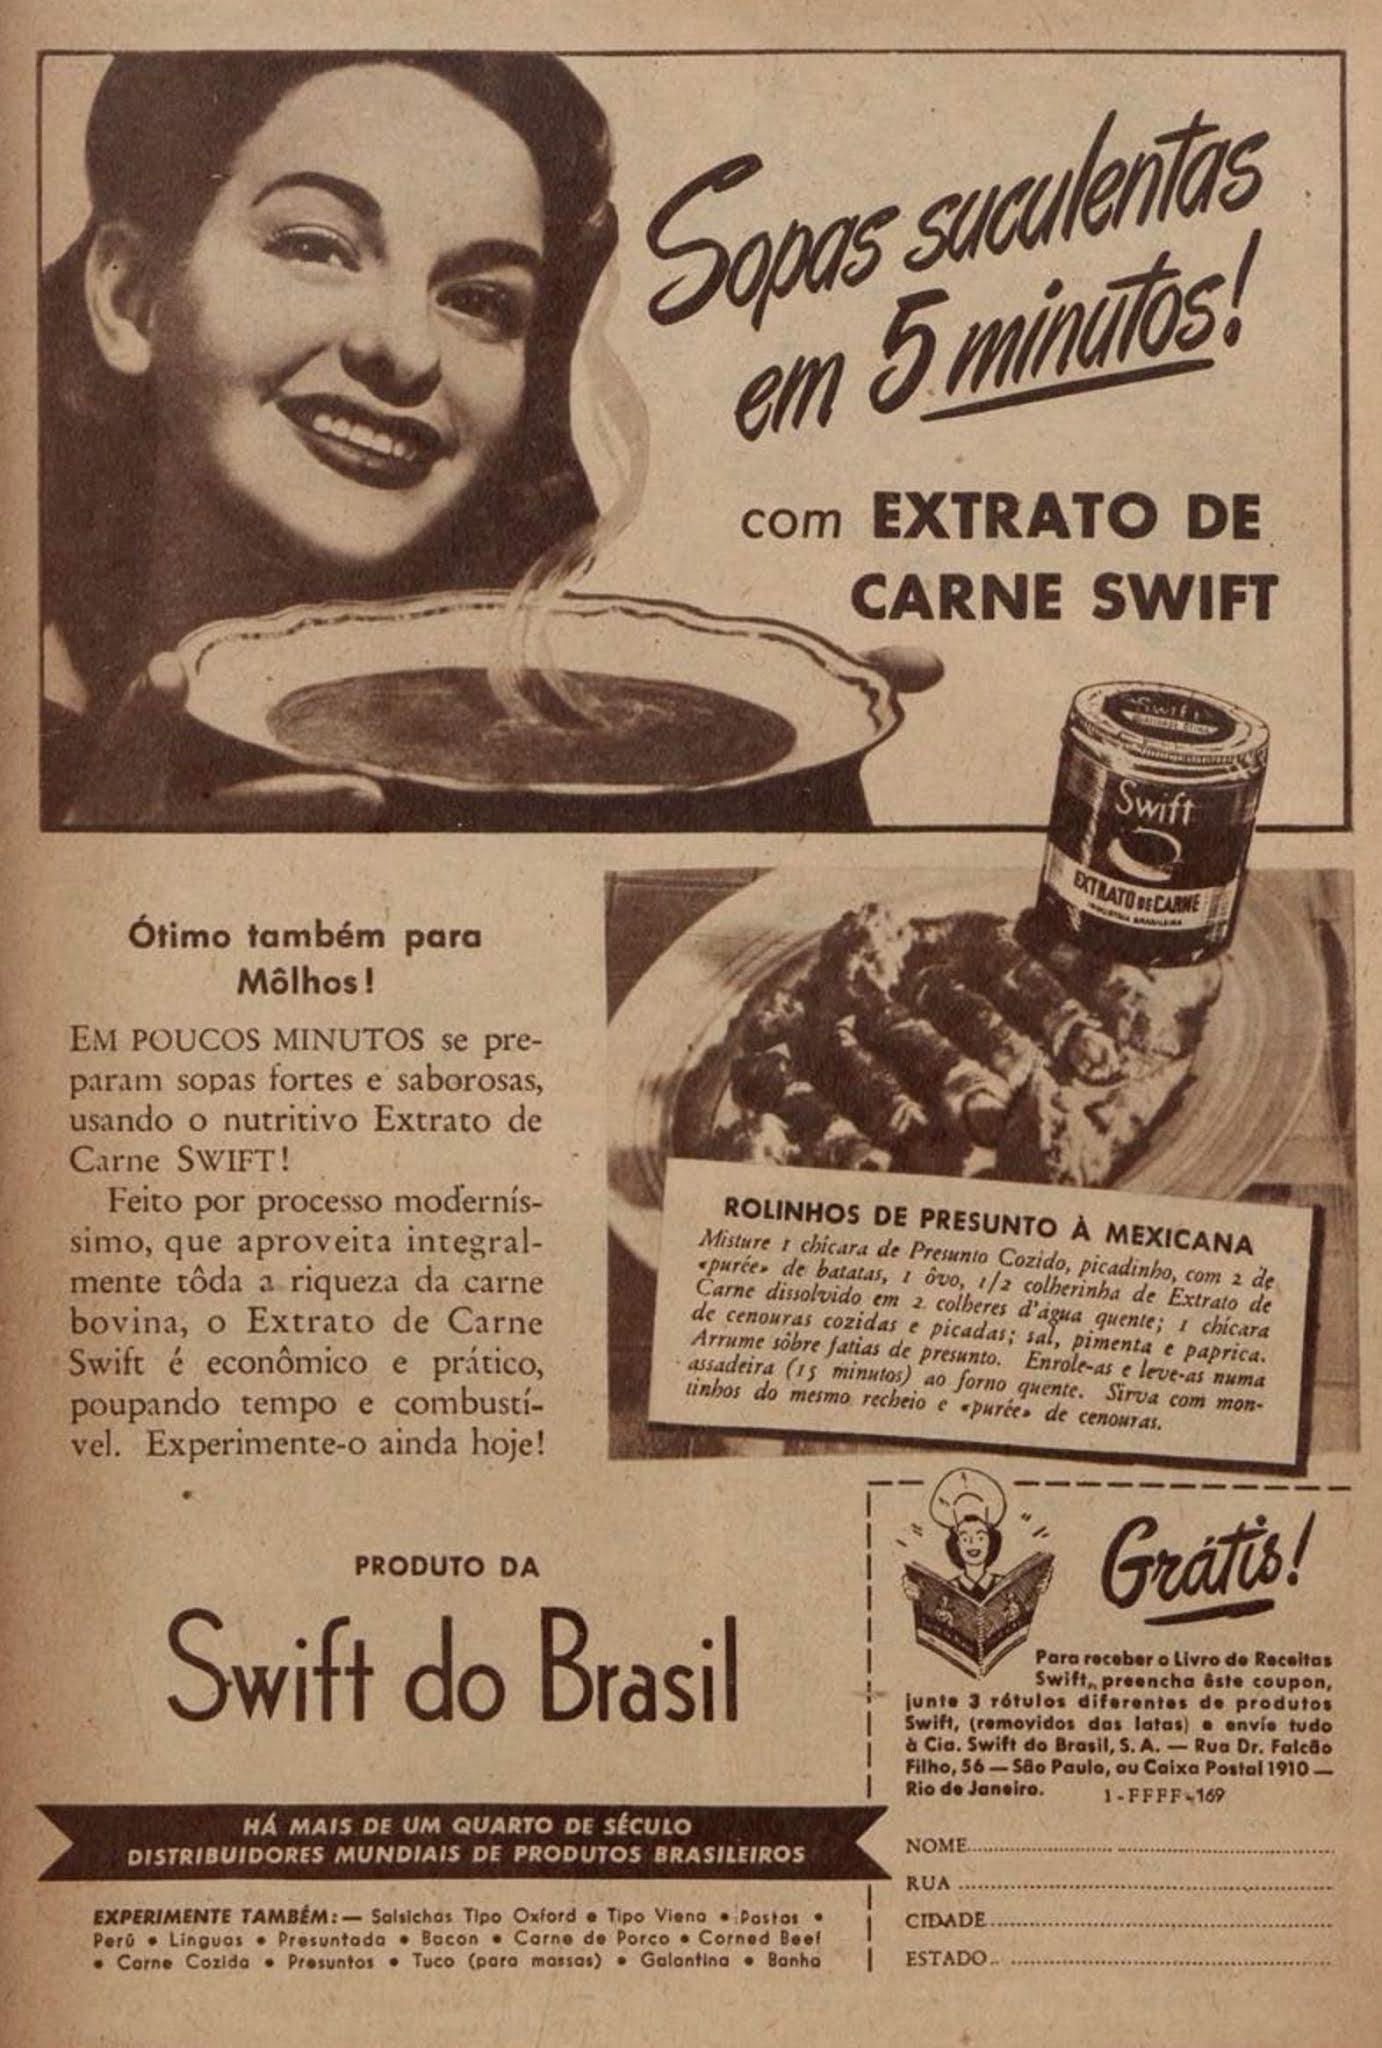 Anúncio da Swift promovendo o Extrato de Carne em lata no ano de 1945